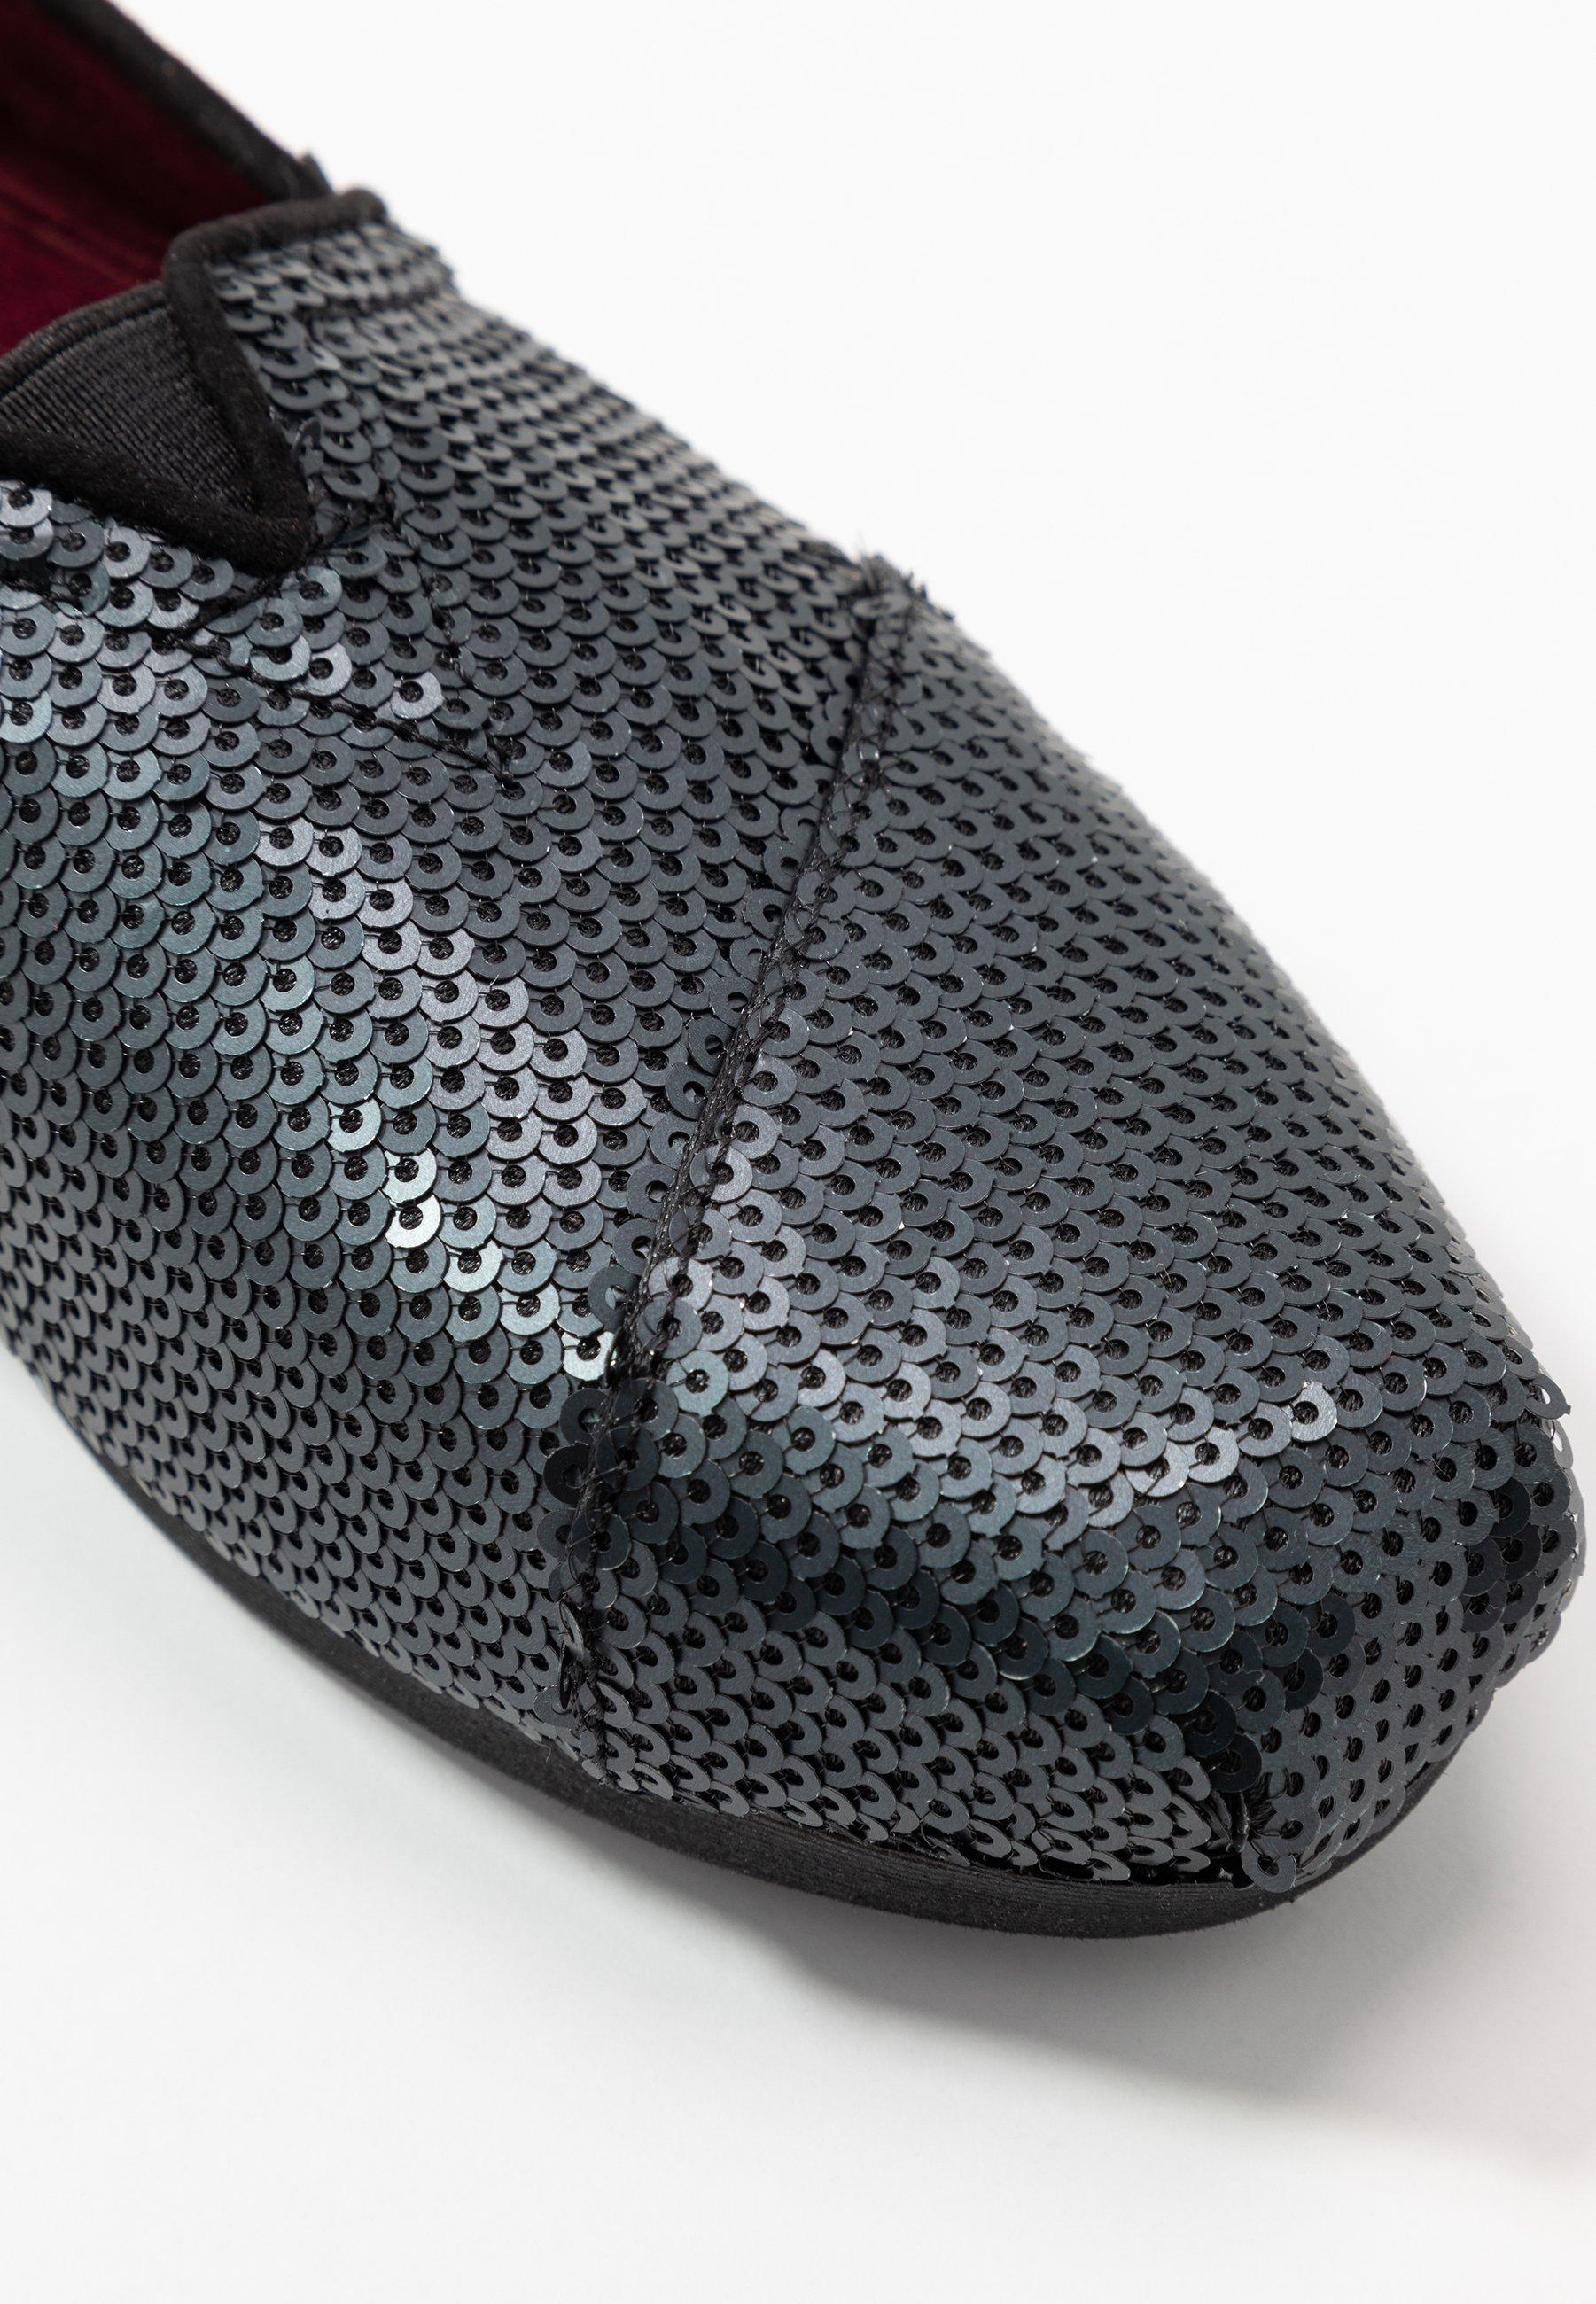 Toms Alpargata - Instappers Black Goedkope Schoenen